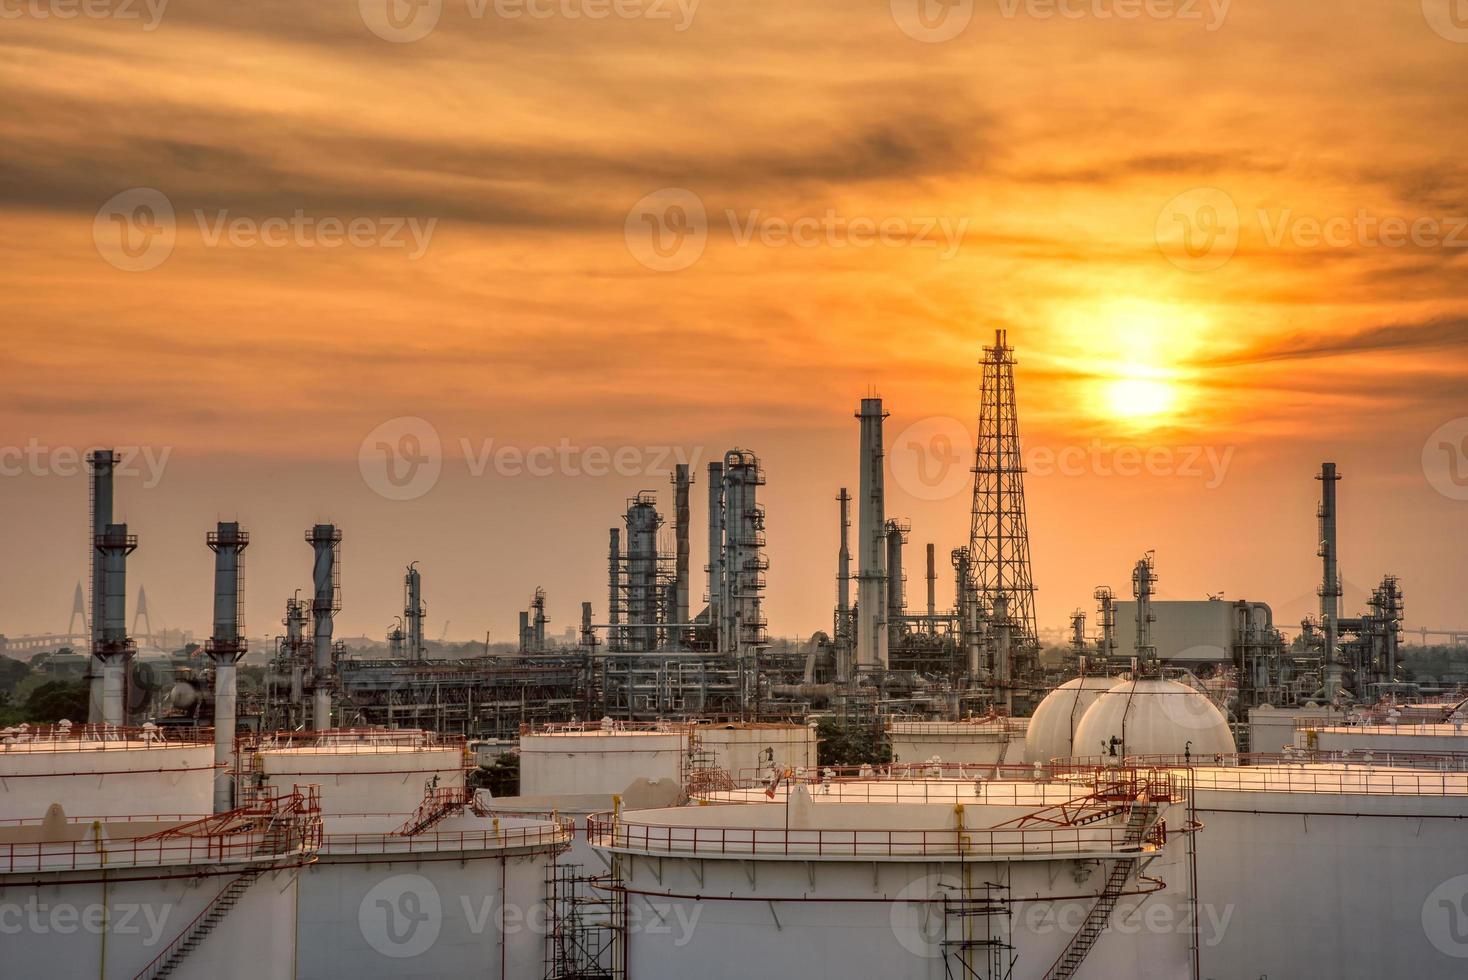 industria petrolifera e del gas dell'impianto petrolchimico foto